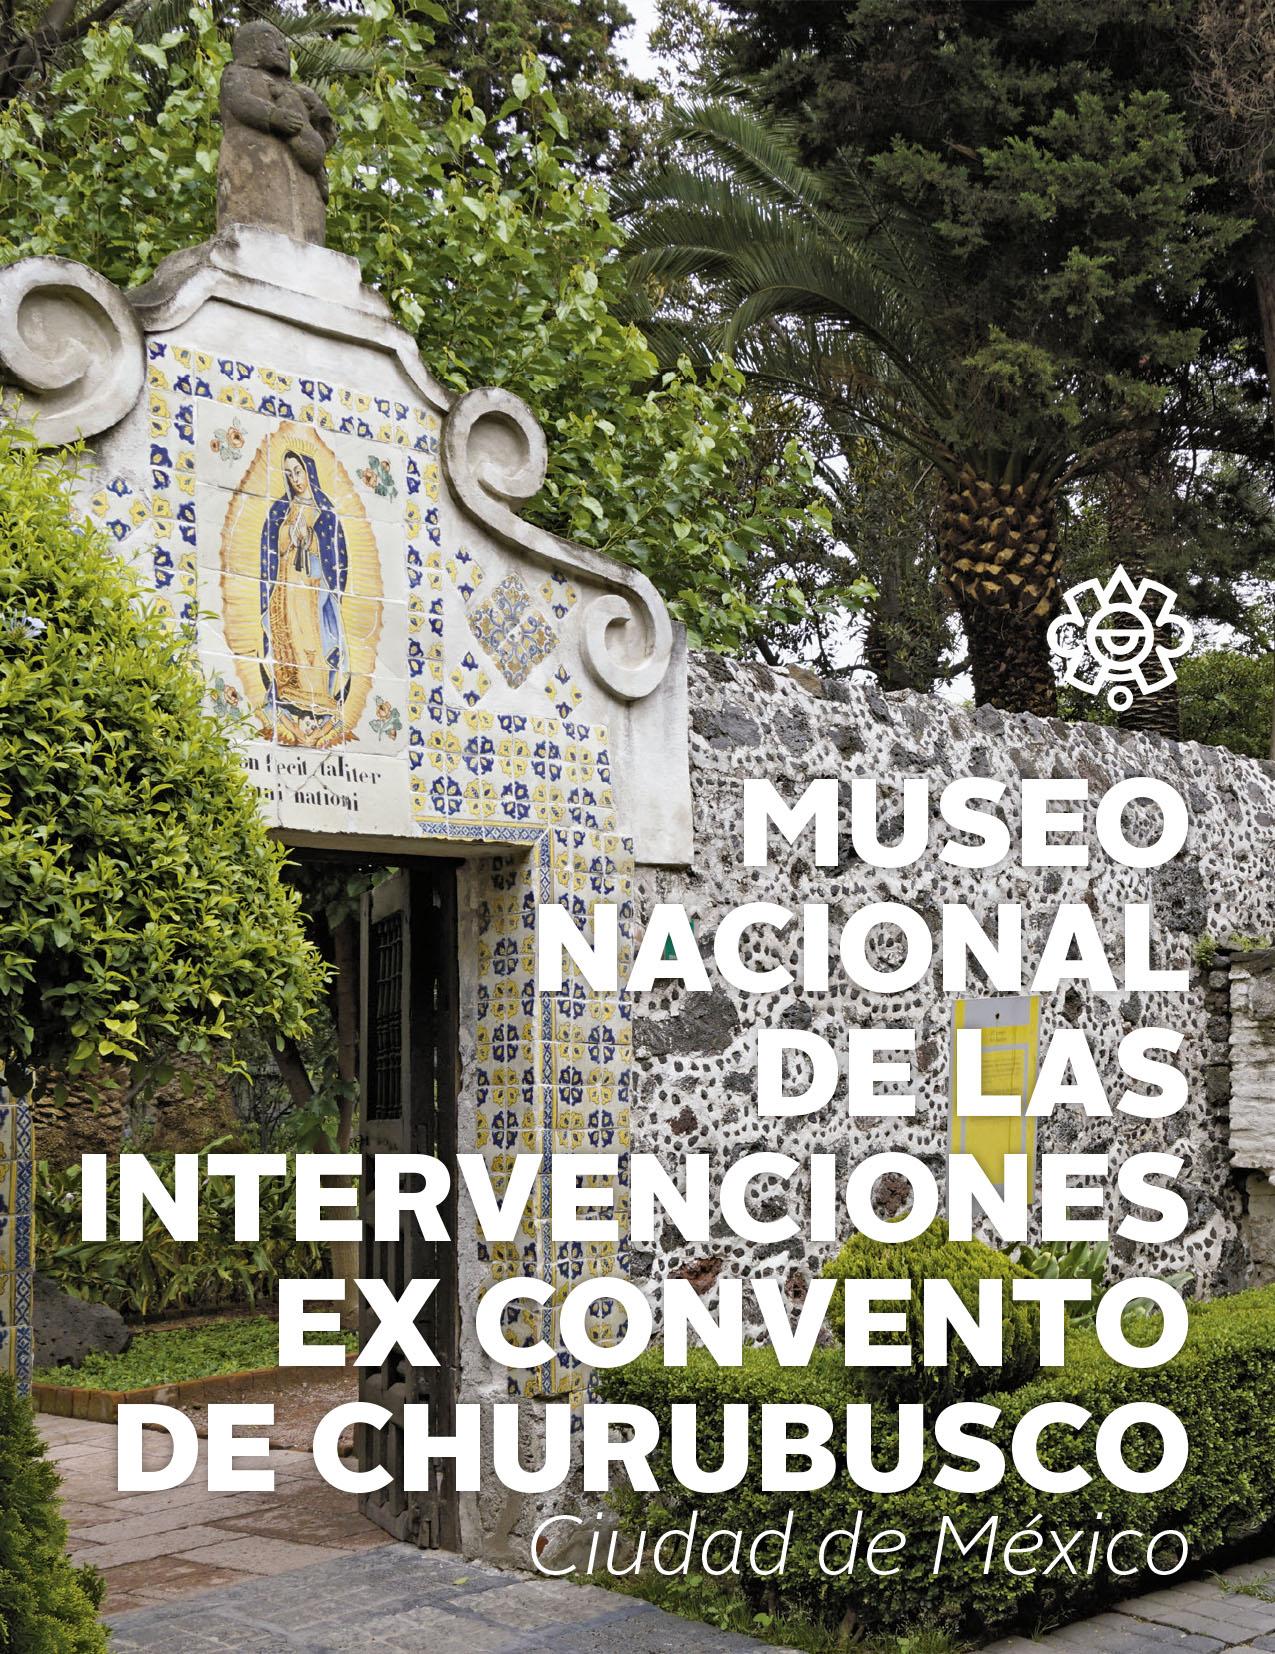 Museo Nacional de las Intervenciones ex Convento de Churubusco